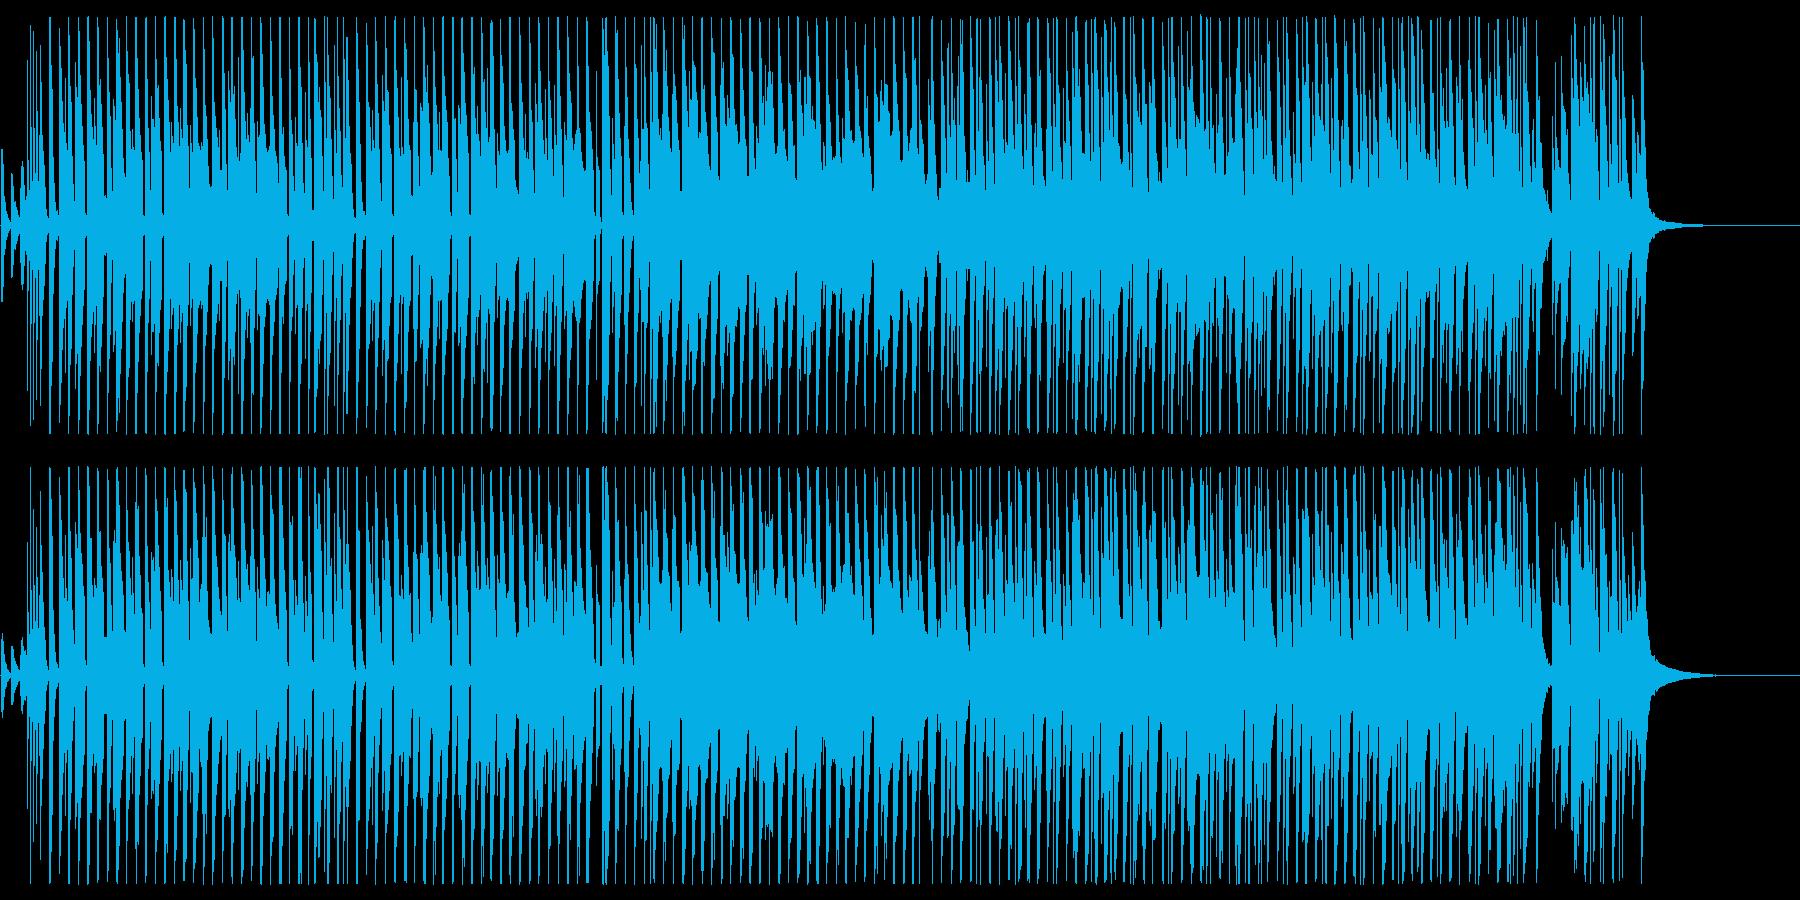 レトロで可愛い雰囲気のポップスの再生済みの波形